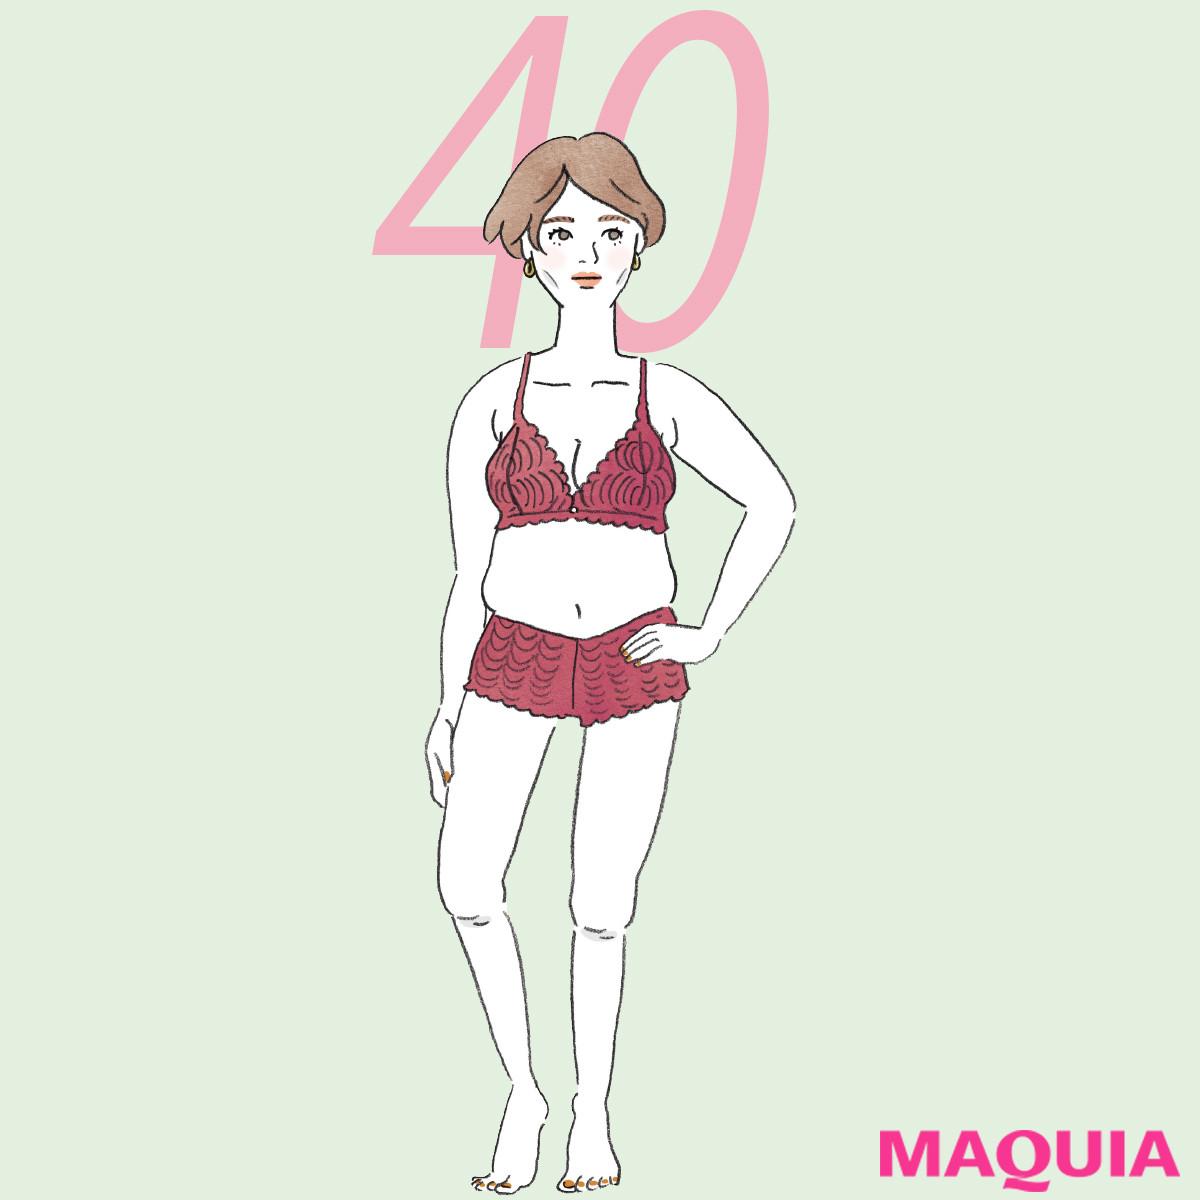 アラフォーが痩せにくい理由は?  痩せ体質になる秘策をダイエットのプロが伝授